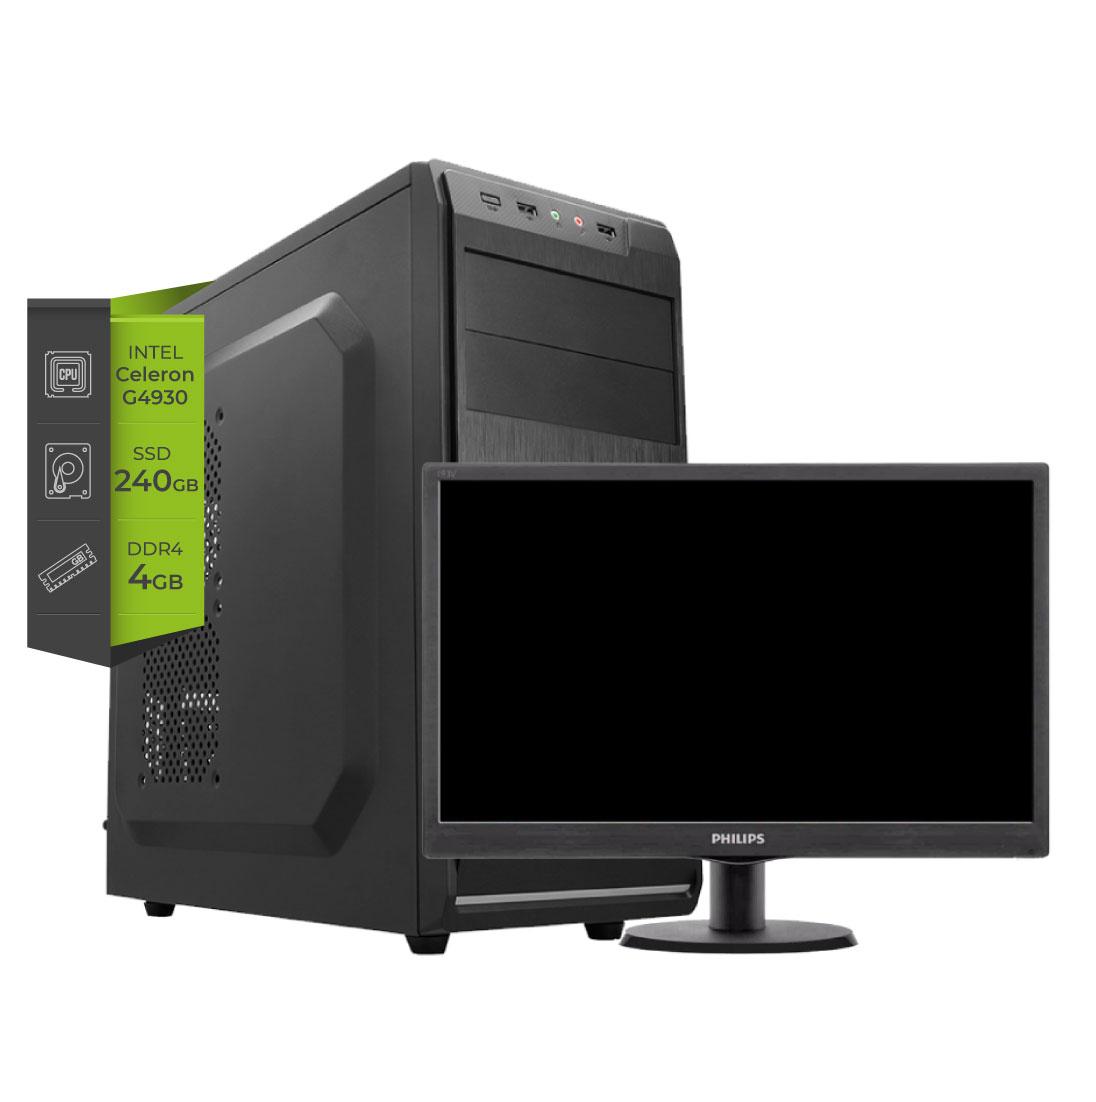 PC Intel Celeron G4930 SSD 240gb 4Gb DDR4 + Monitor Led 19